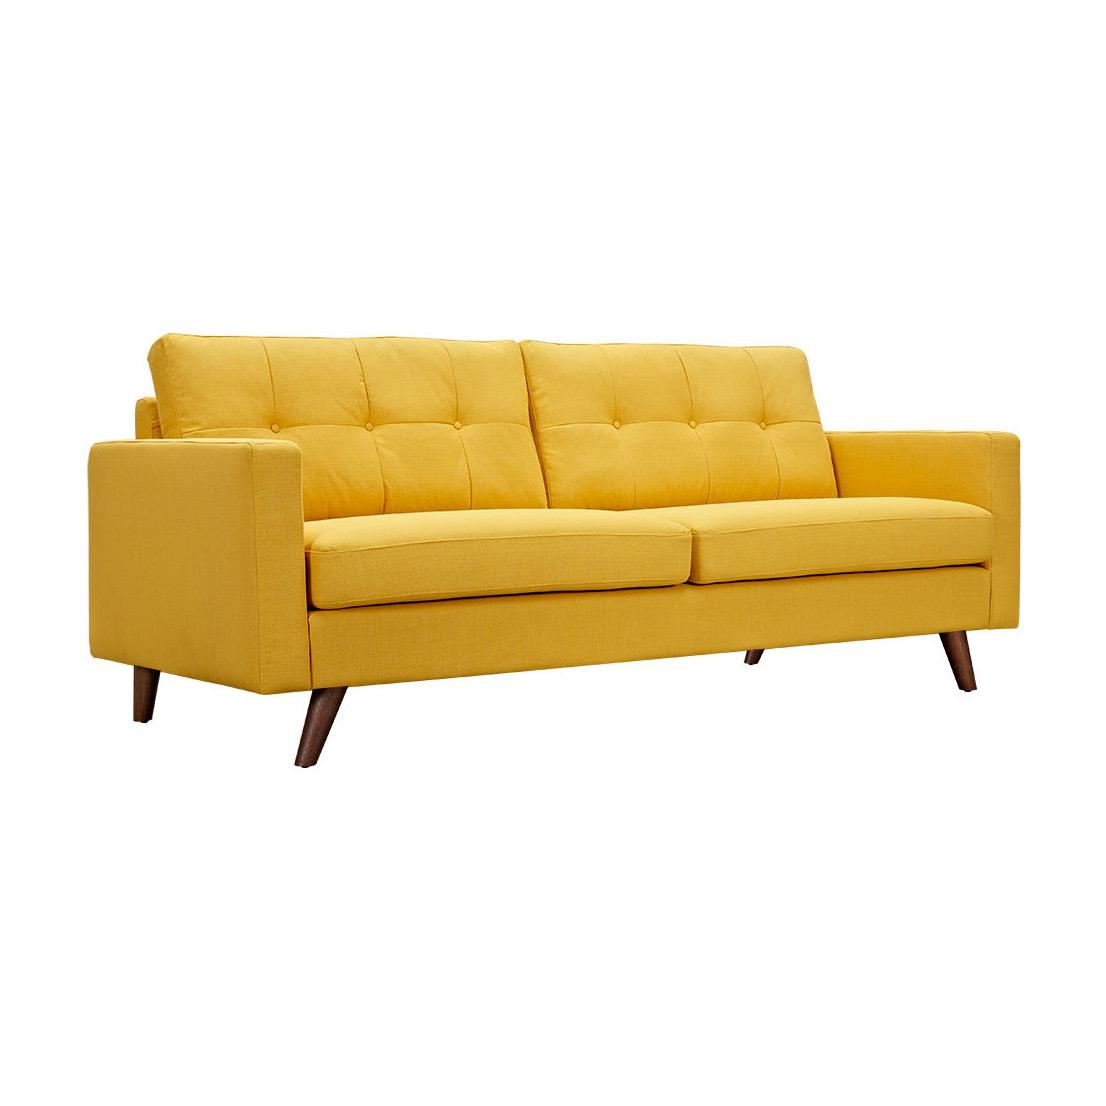 graham-sofa-dot-bo.jpg